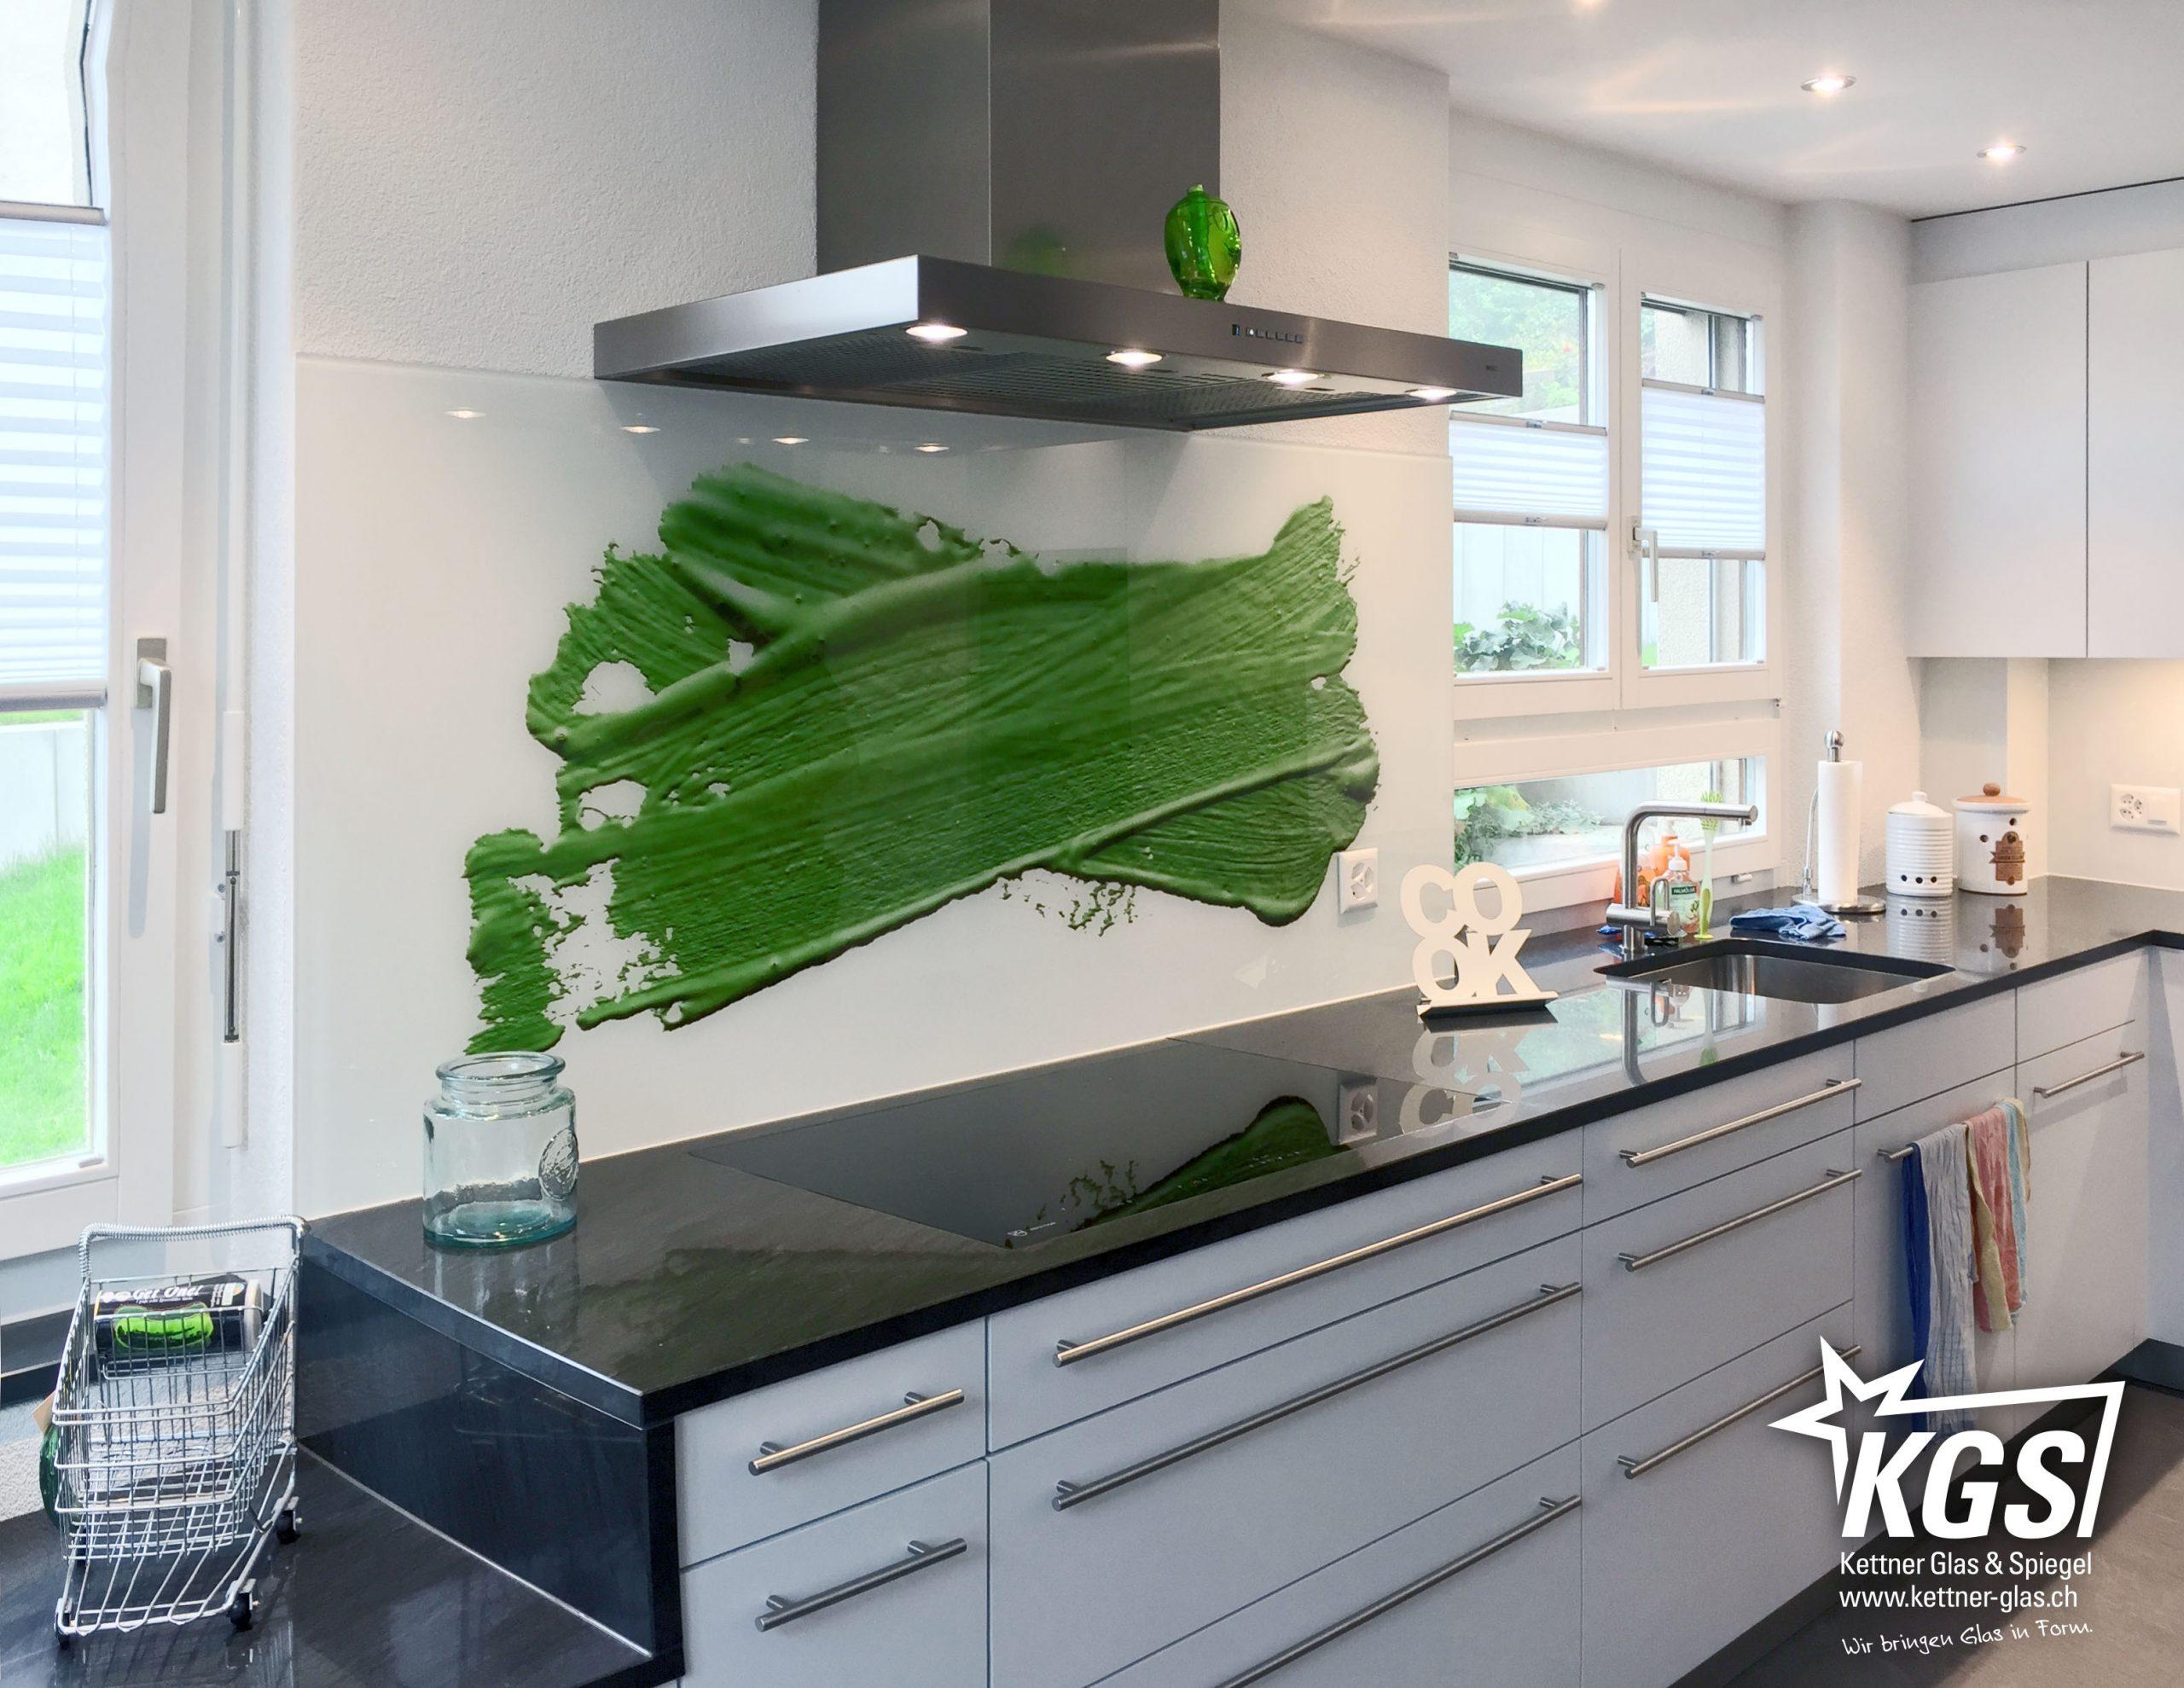 Full Size of Glaswand Küche Wohnzimmer Glaswand Küche Reinigen Glaswand Küche Beleuchtet Glaswand Küche Preis Küche Glaswand Küche